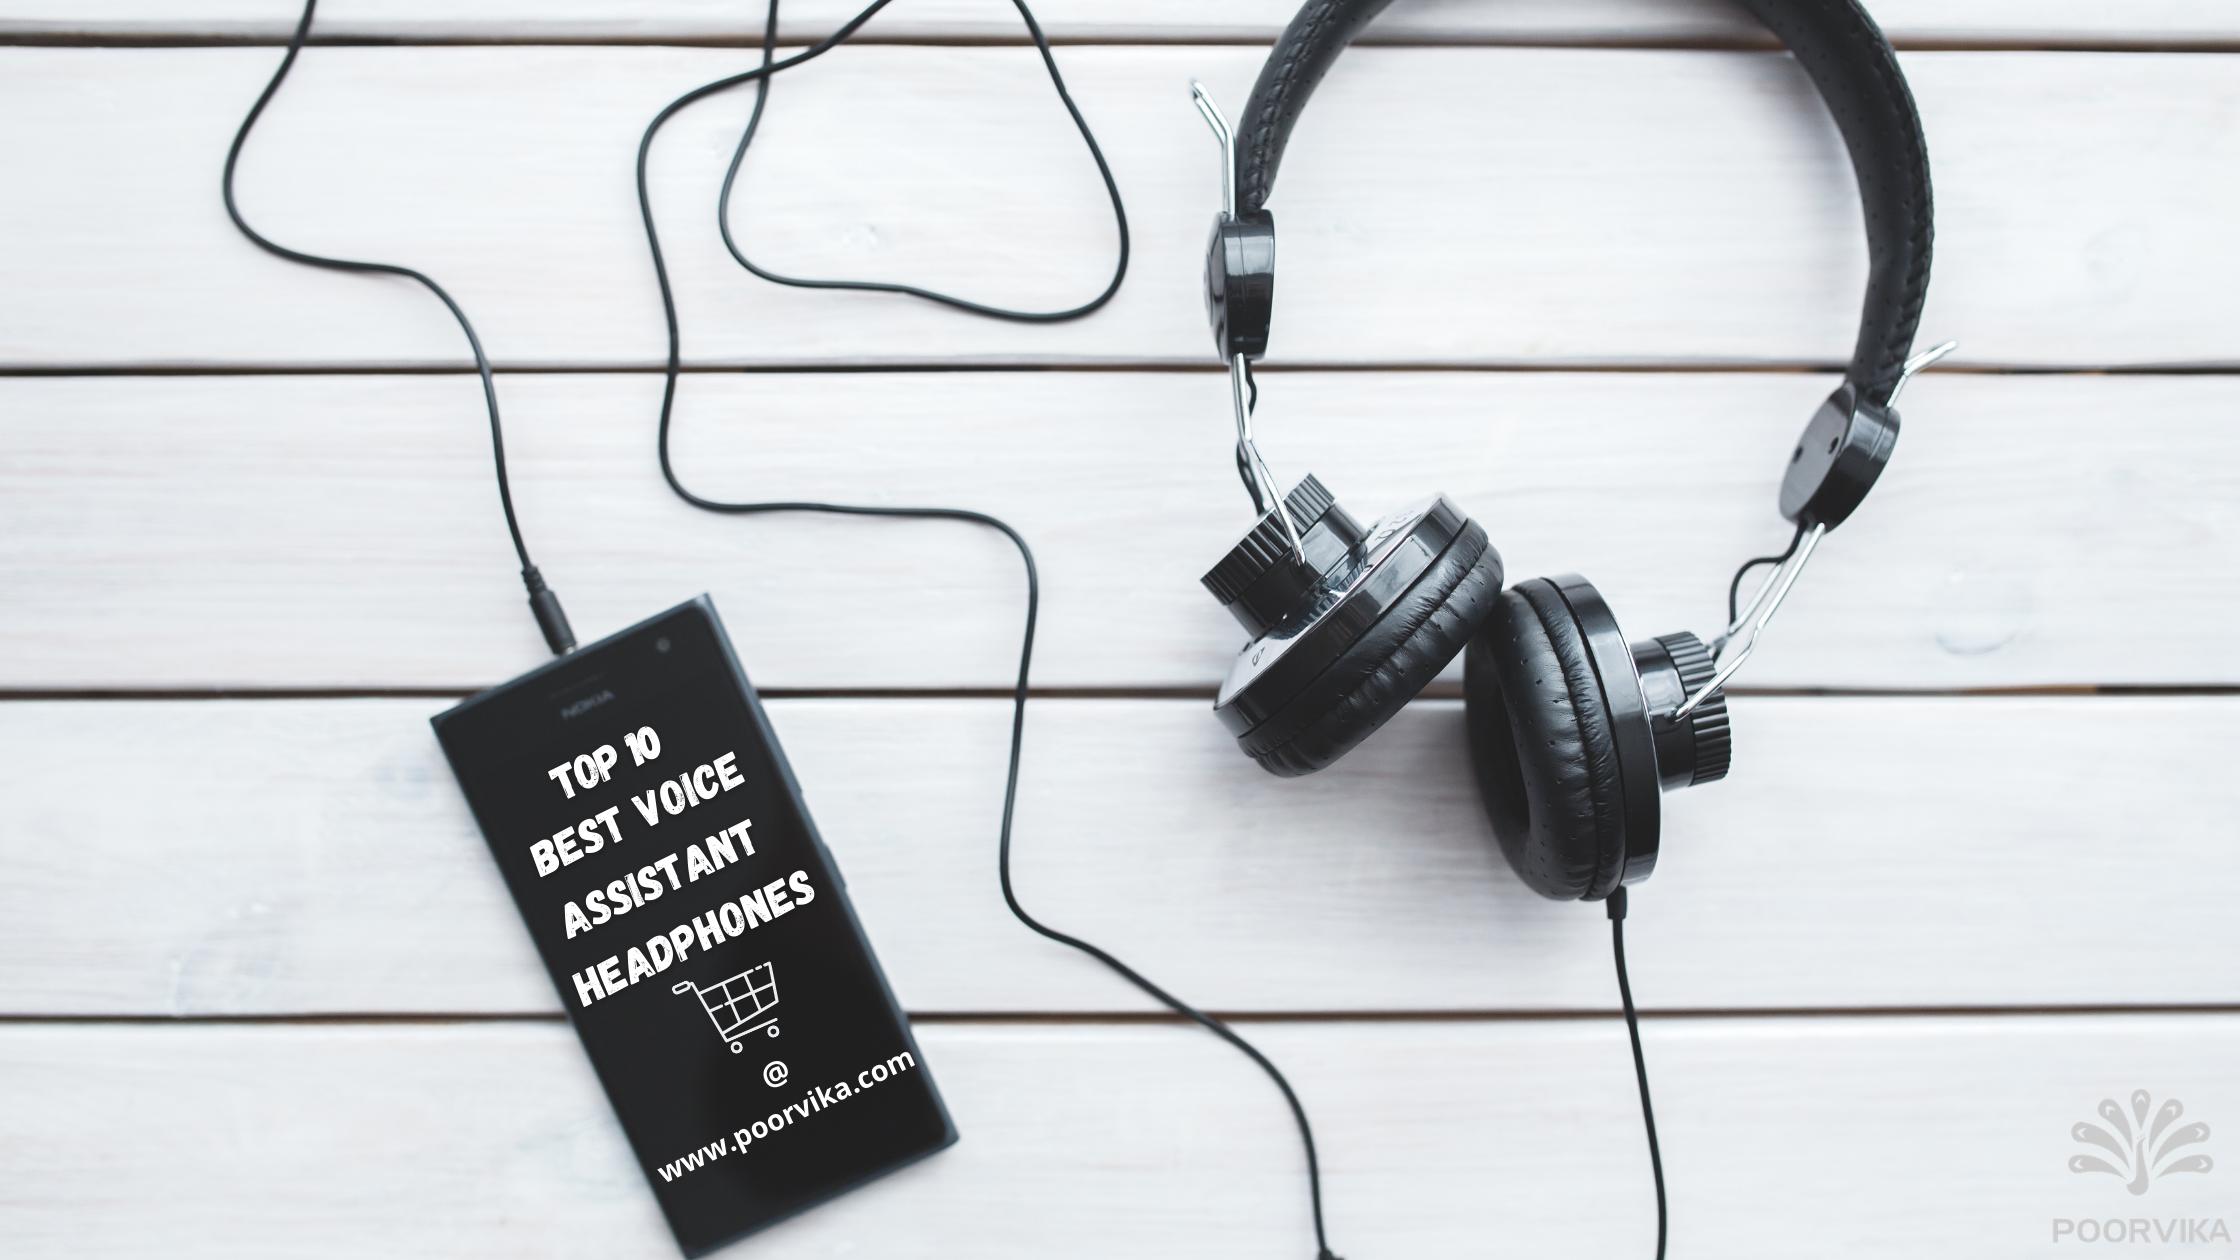 Top 10 Best Voice Assistant Headphones